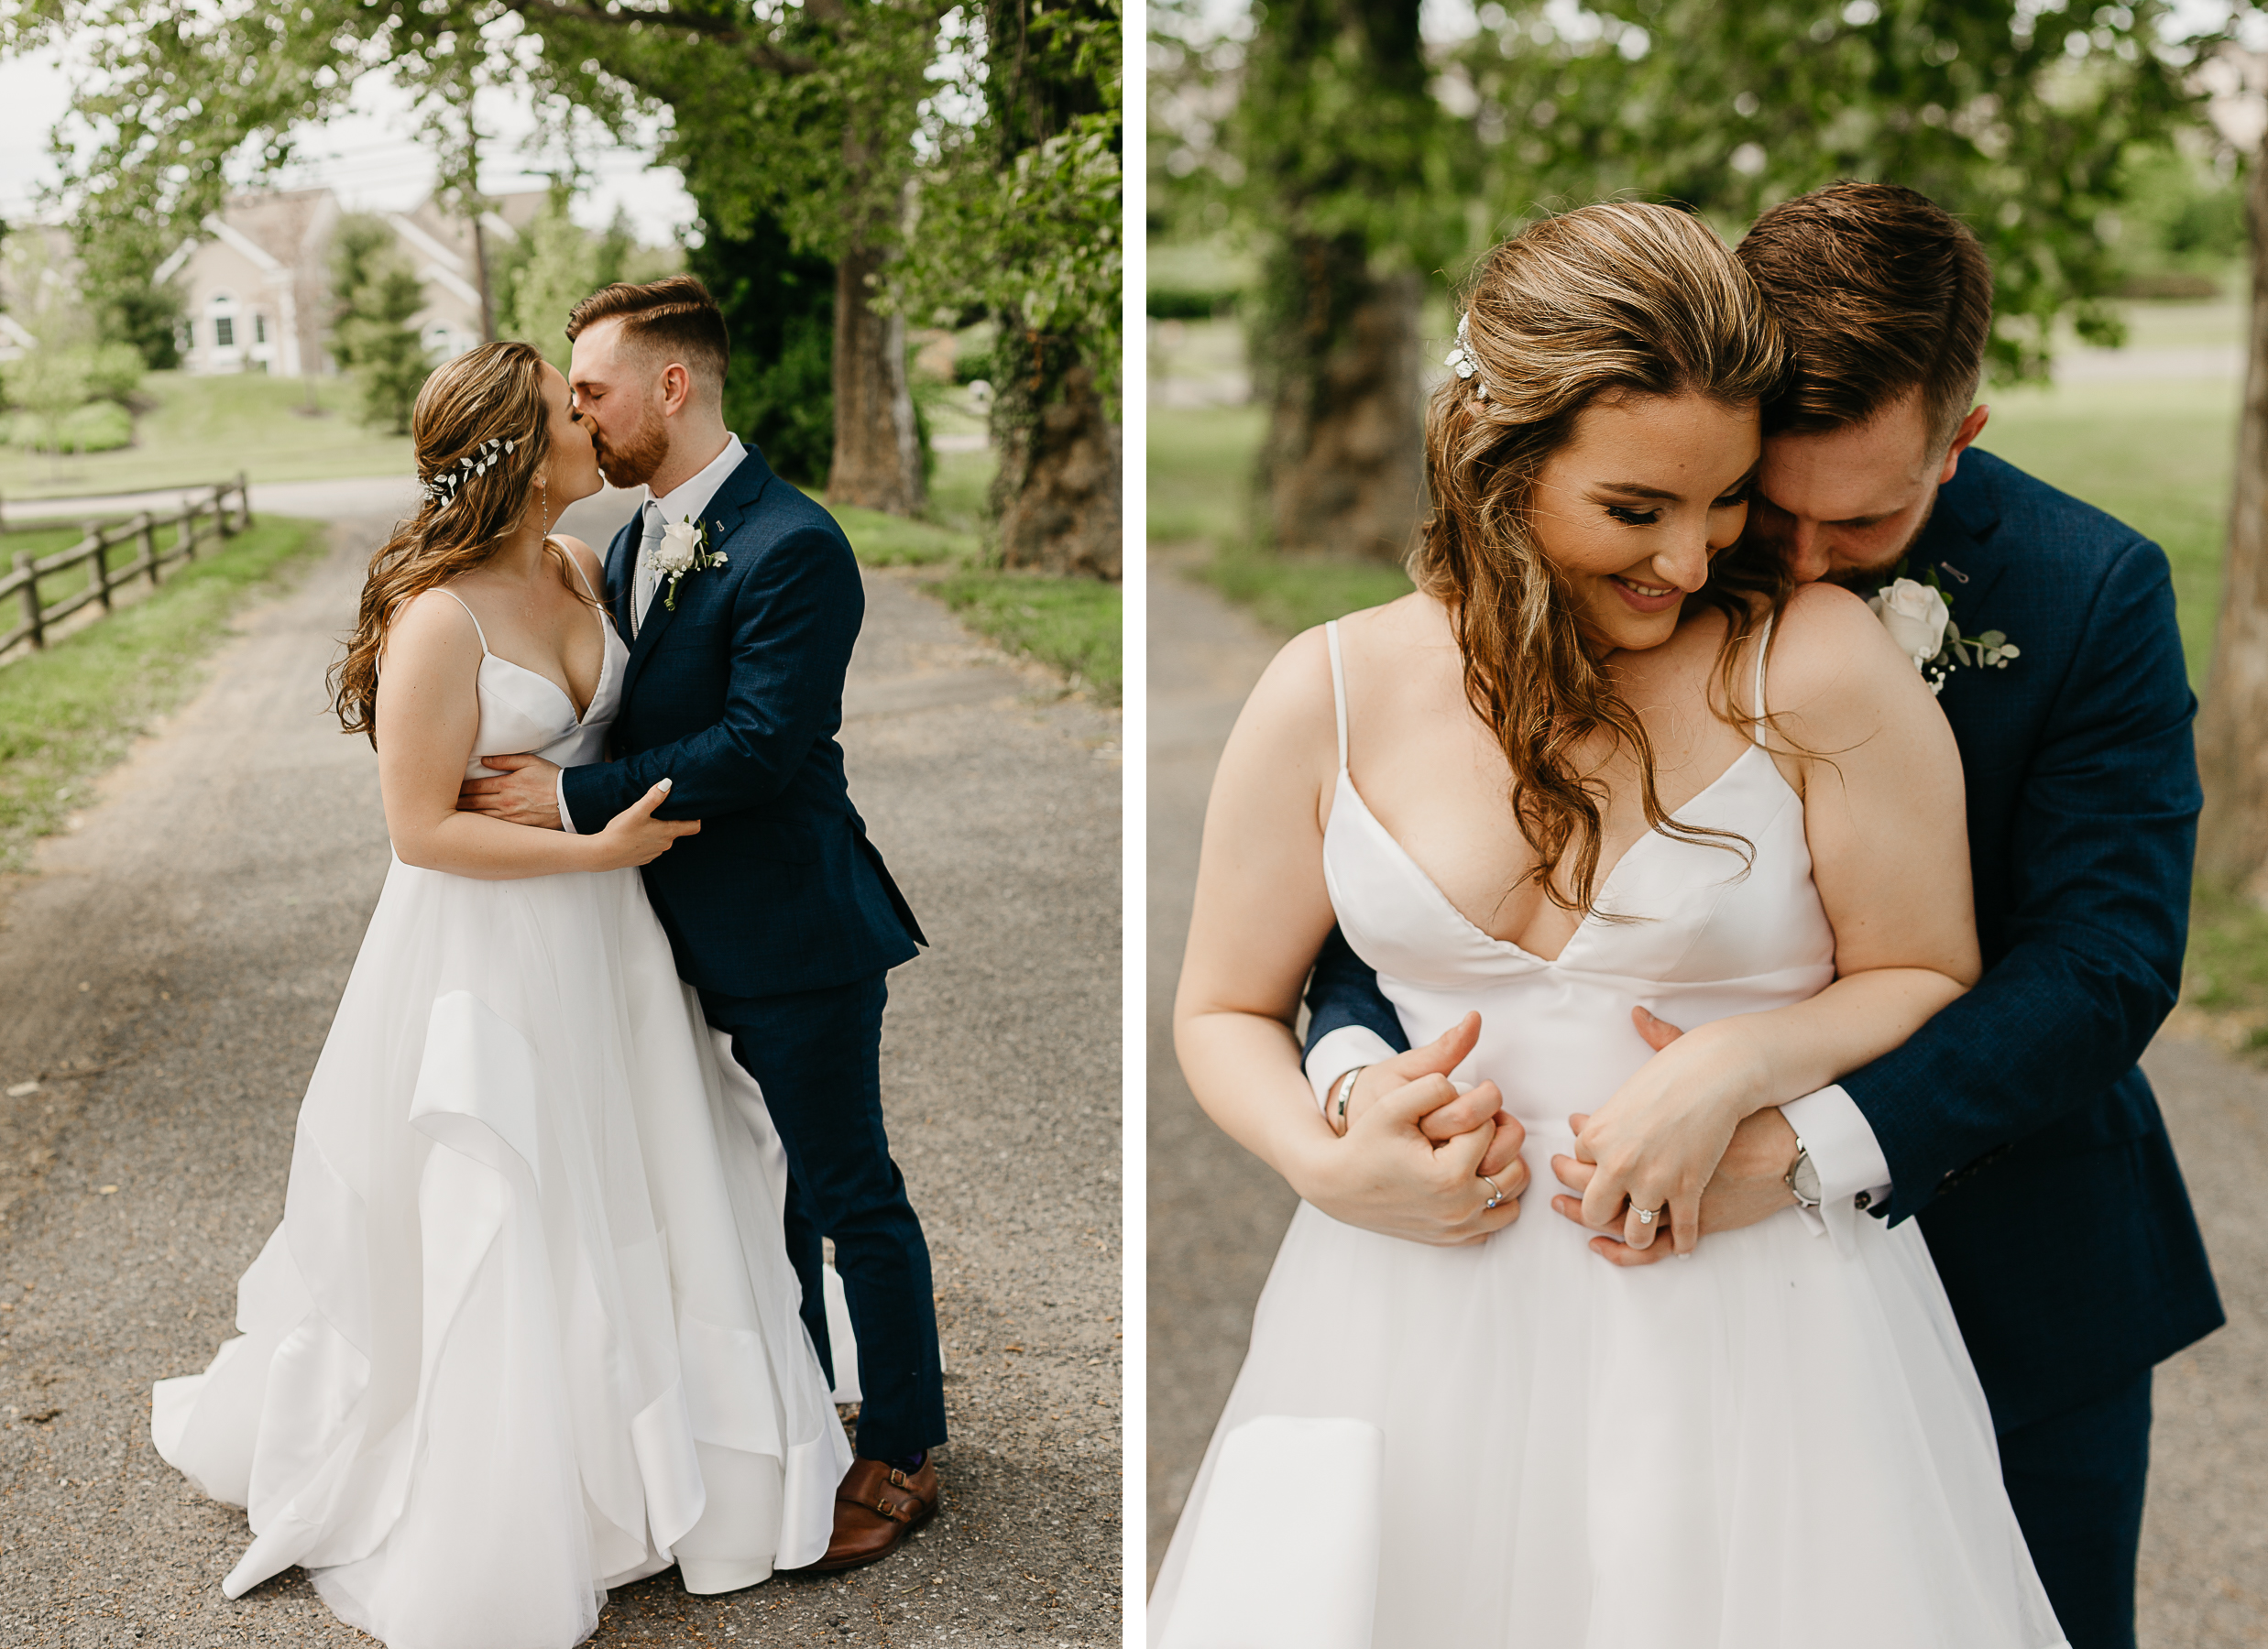 anna szczekutowicz austin wedding photographer-24.jpg